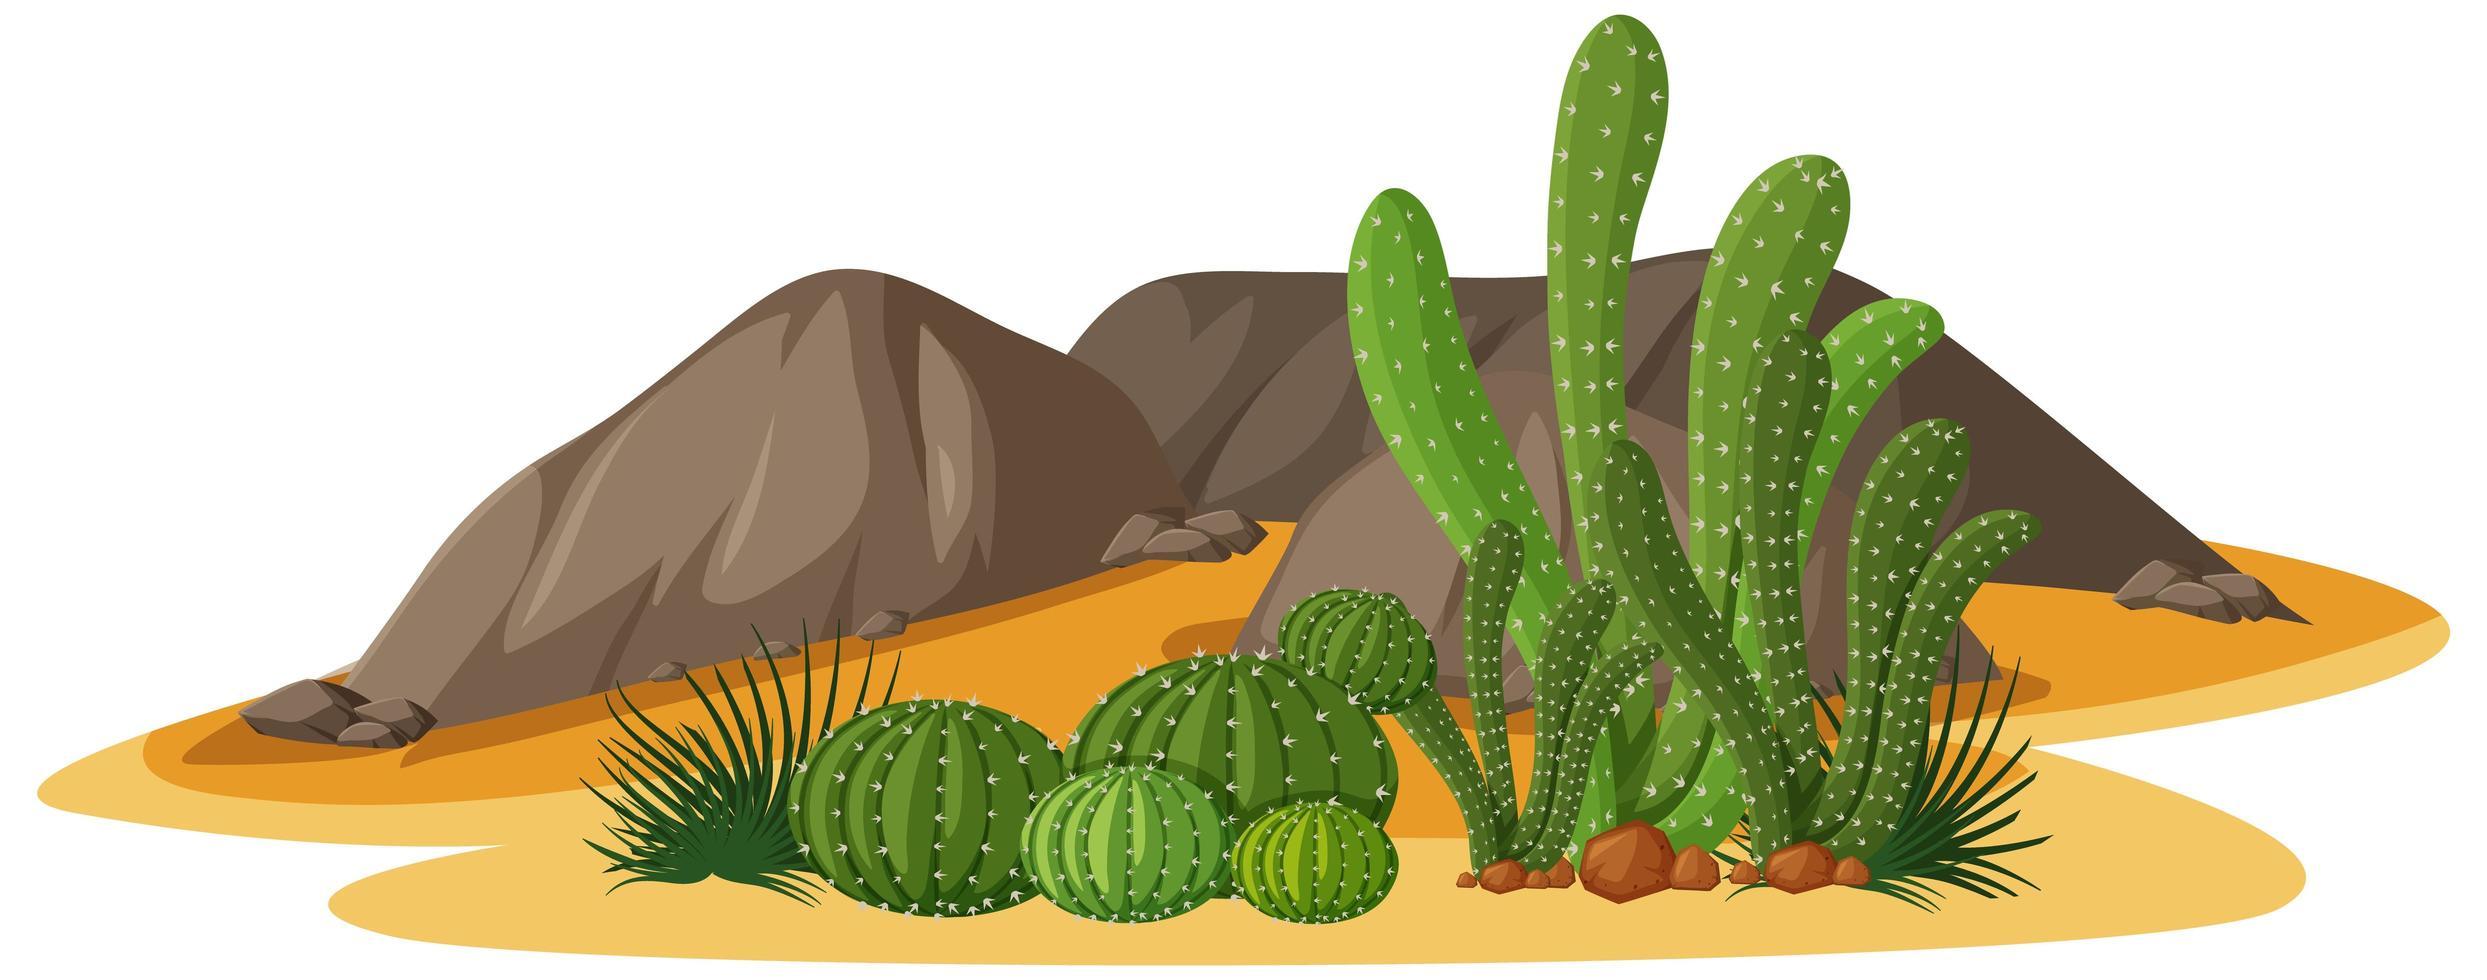 Diferentes formas de cactus en un grupo con elementos de rocas sobre fondo blanco. vector